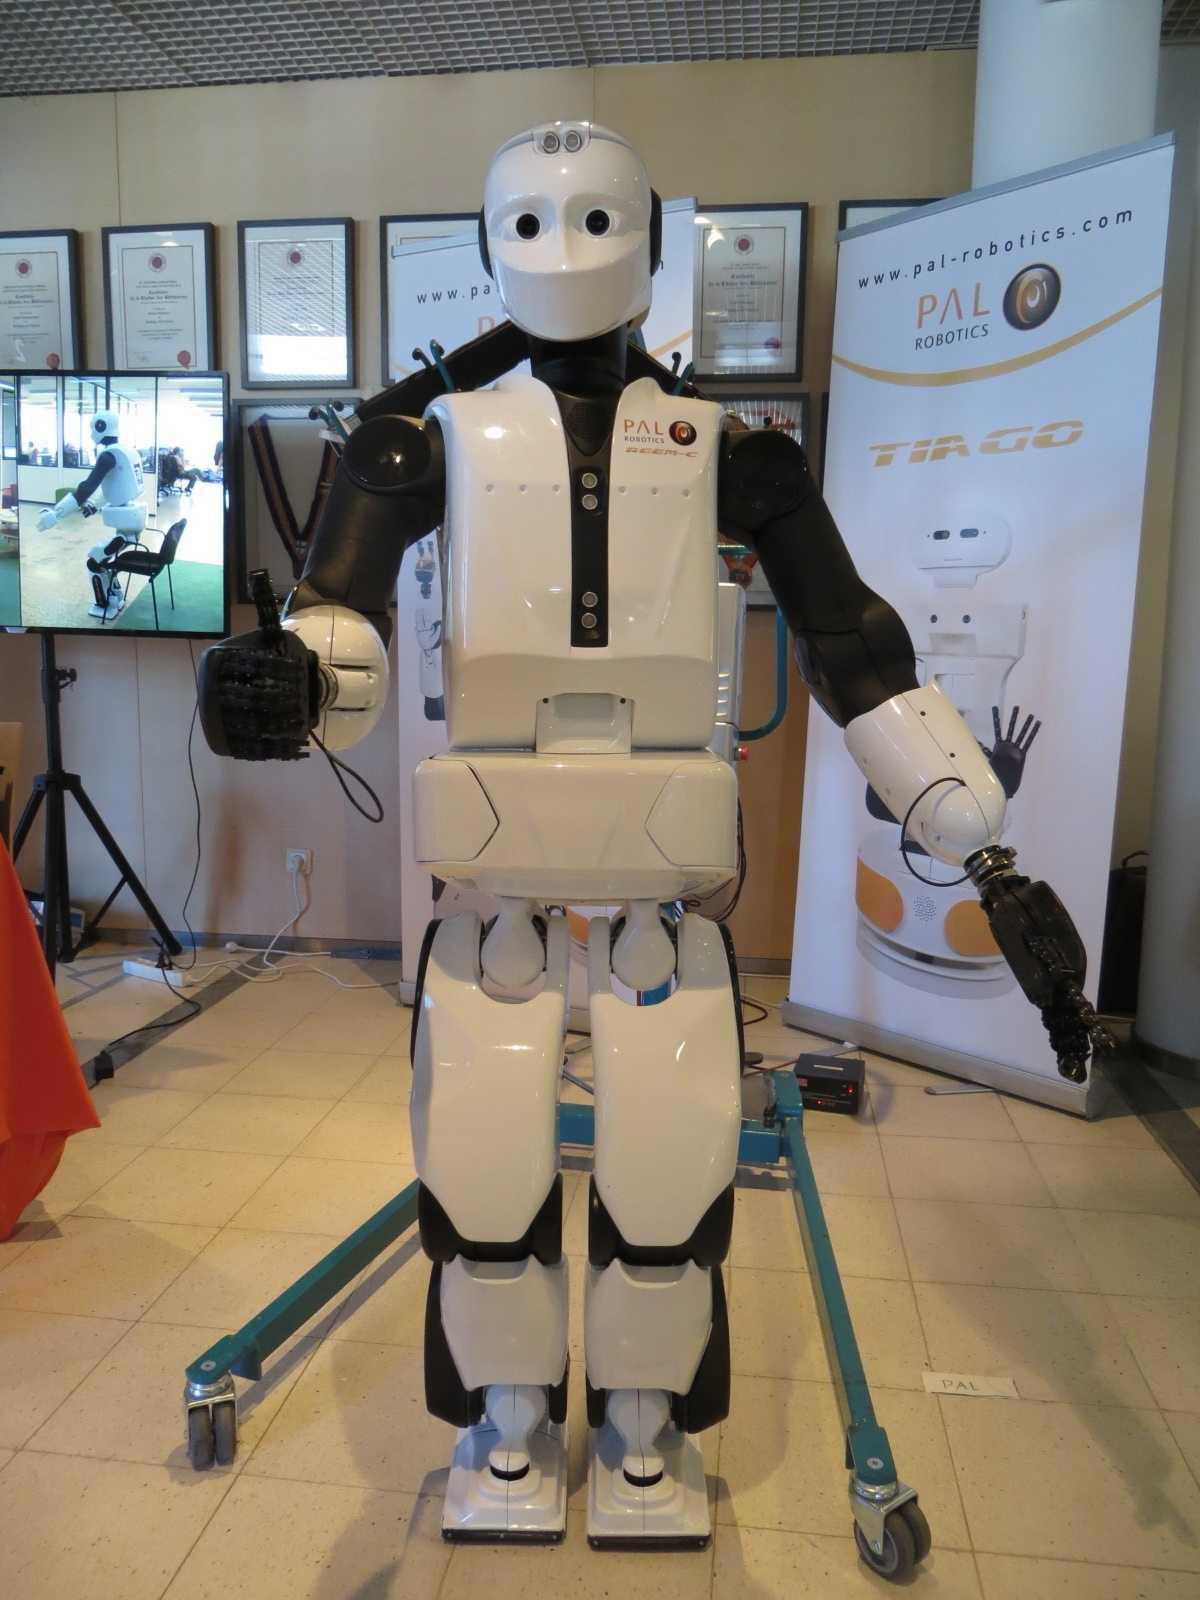 Dieser Roboter ist auch nur ein zartes Pflänzchen: Zur Demo durfte er ab und zu mal ein paar Schrittchen laufen – immer bewacht von einem Menschen. Denn wenn er hinfällt, sind schnell wieder ein paar Stunden in der Werkstatt fällig.